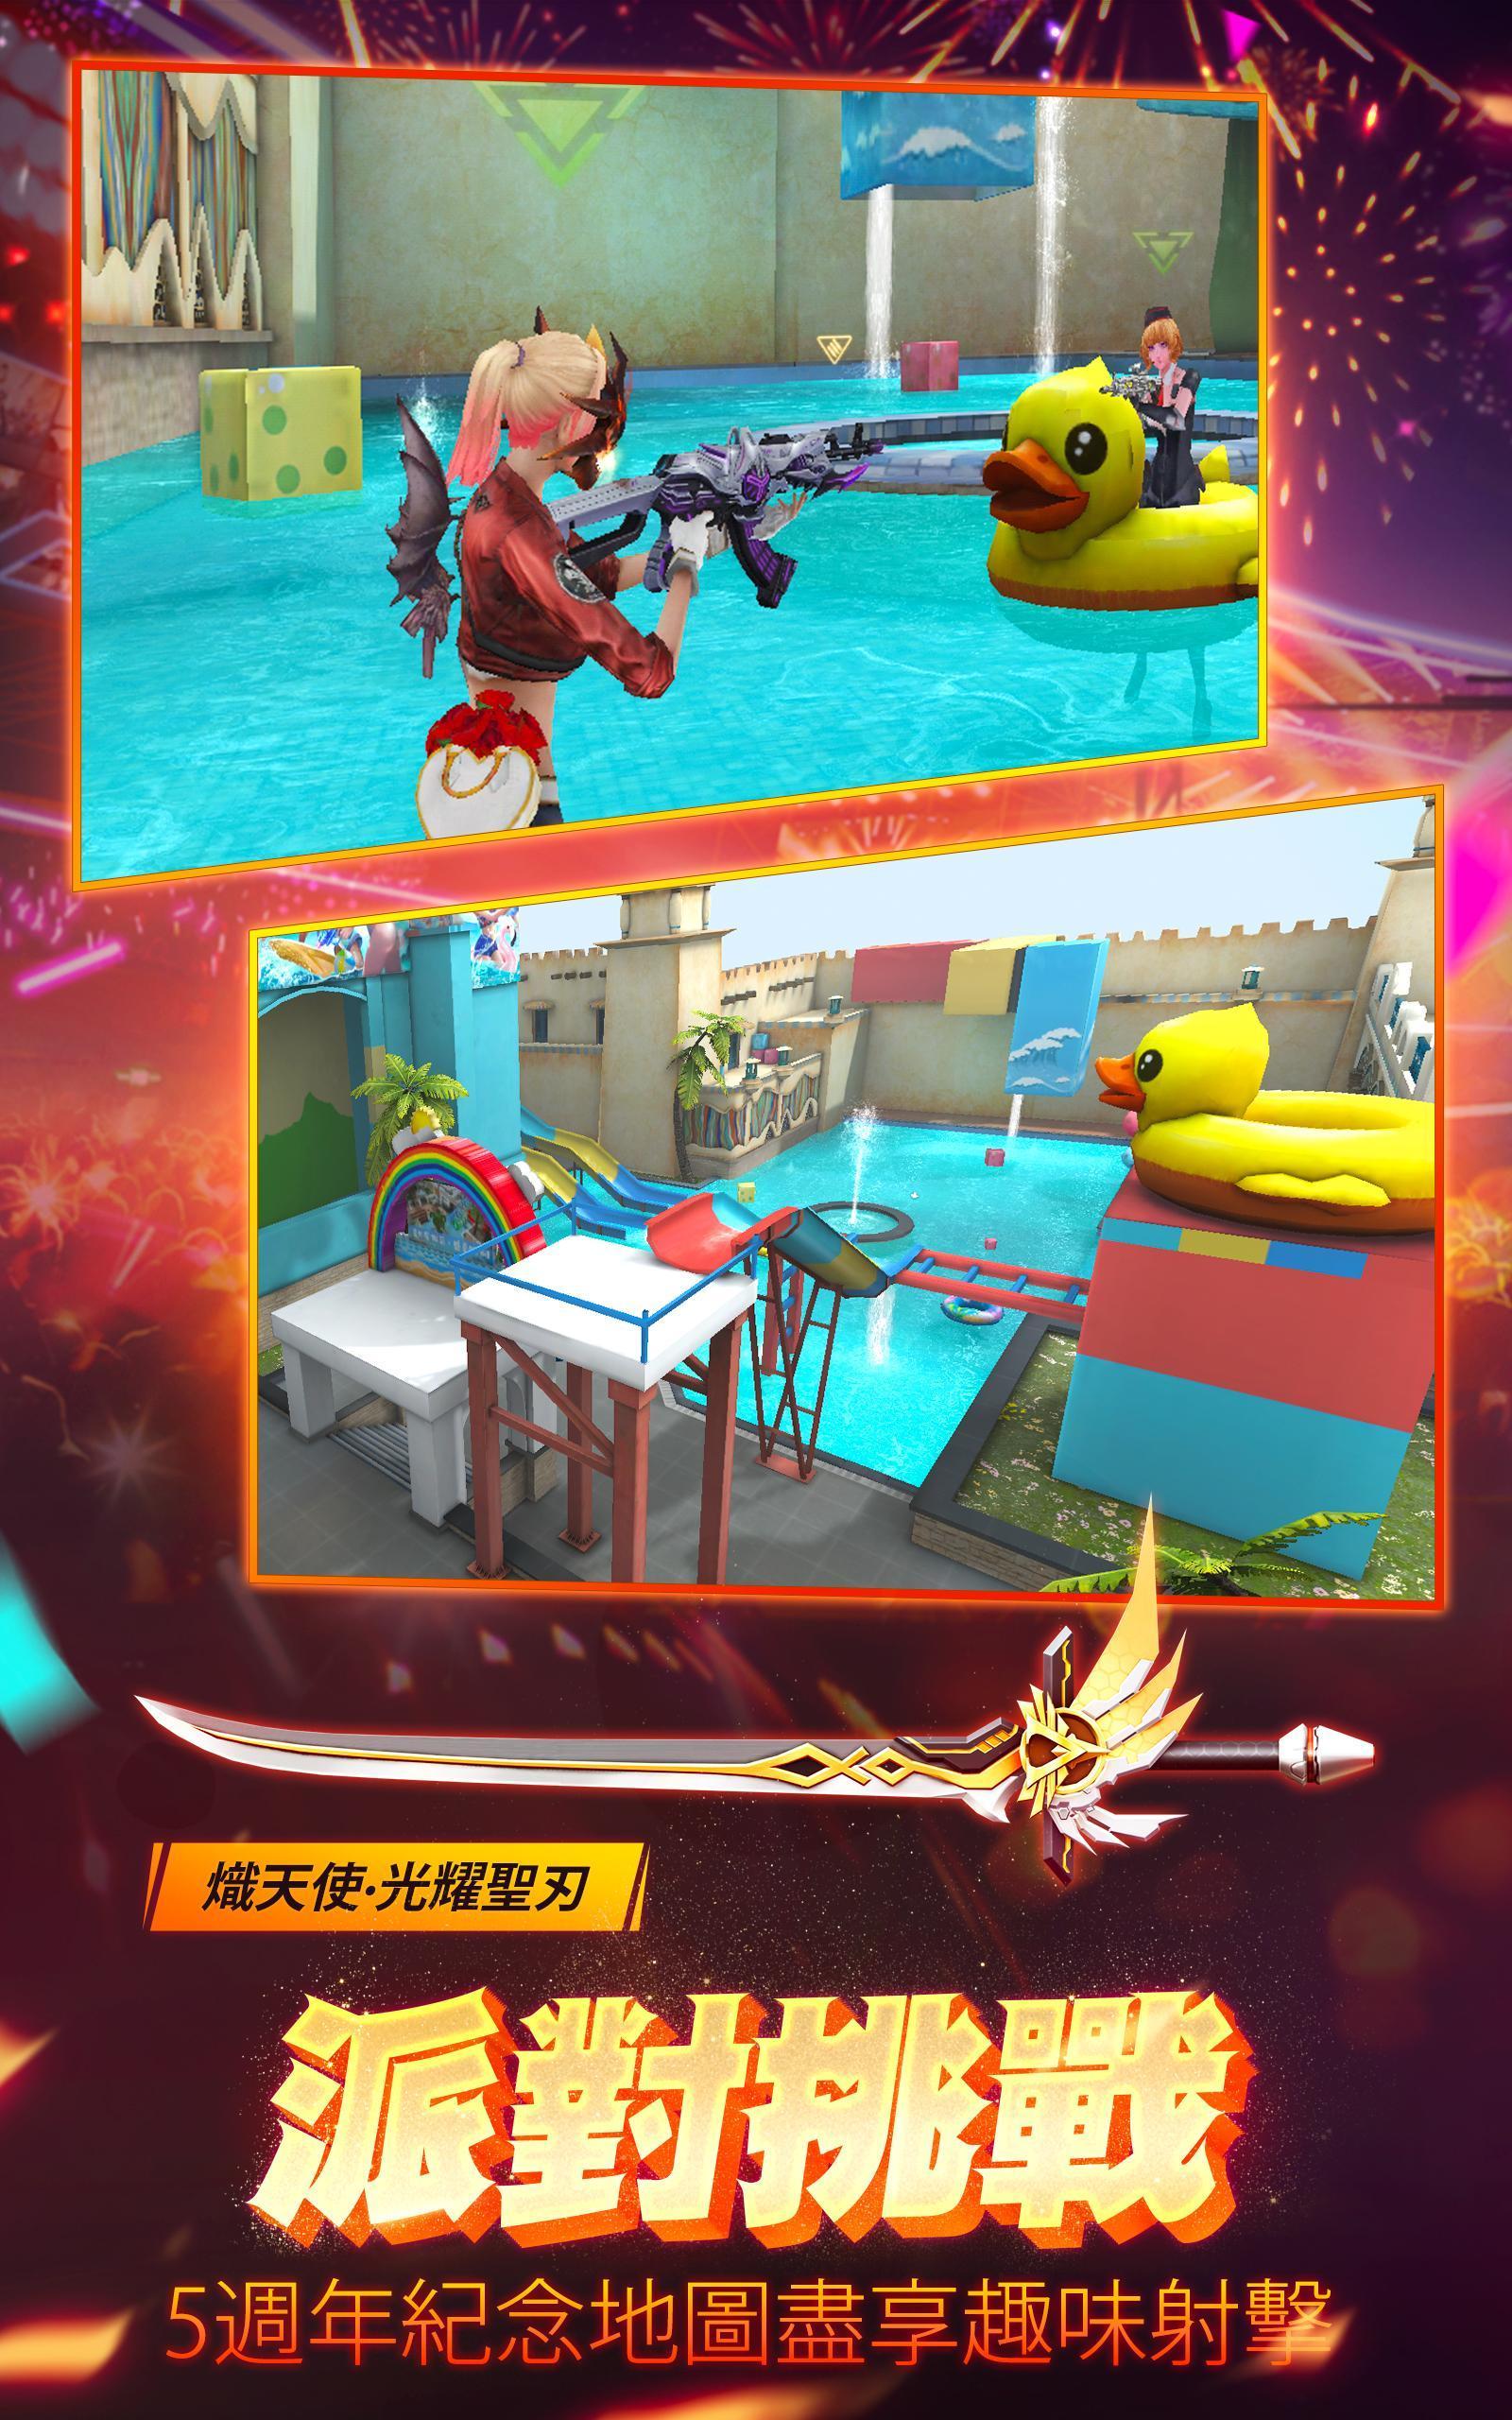 全民槍戰Crisis Action: No.1 FPS Game 3.10.03 Screenshot 15